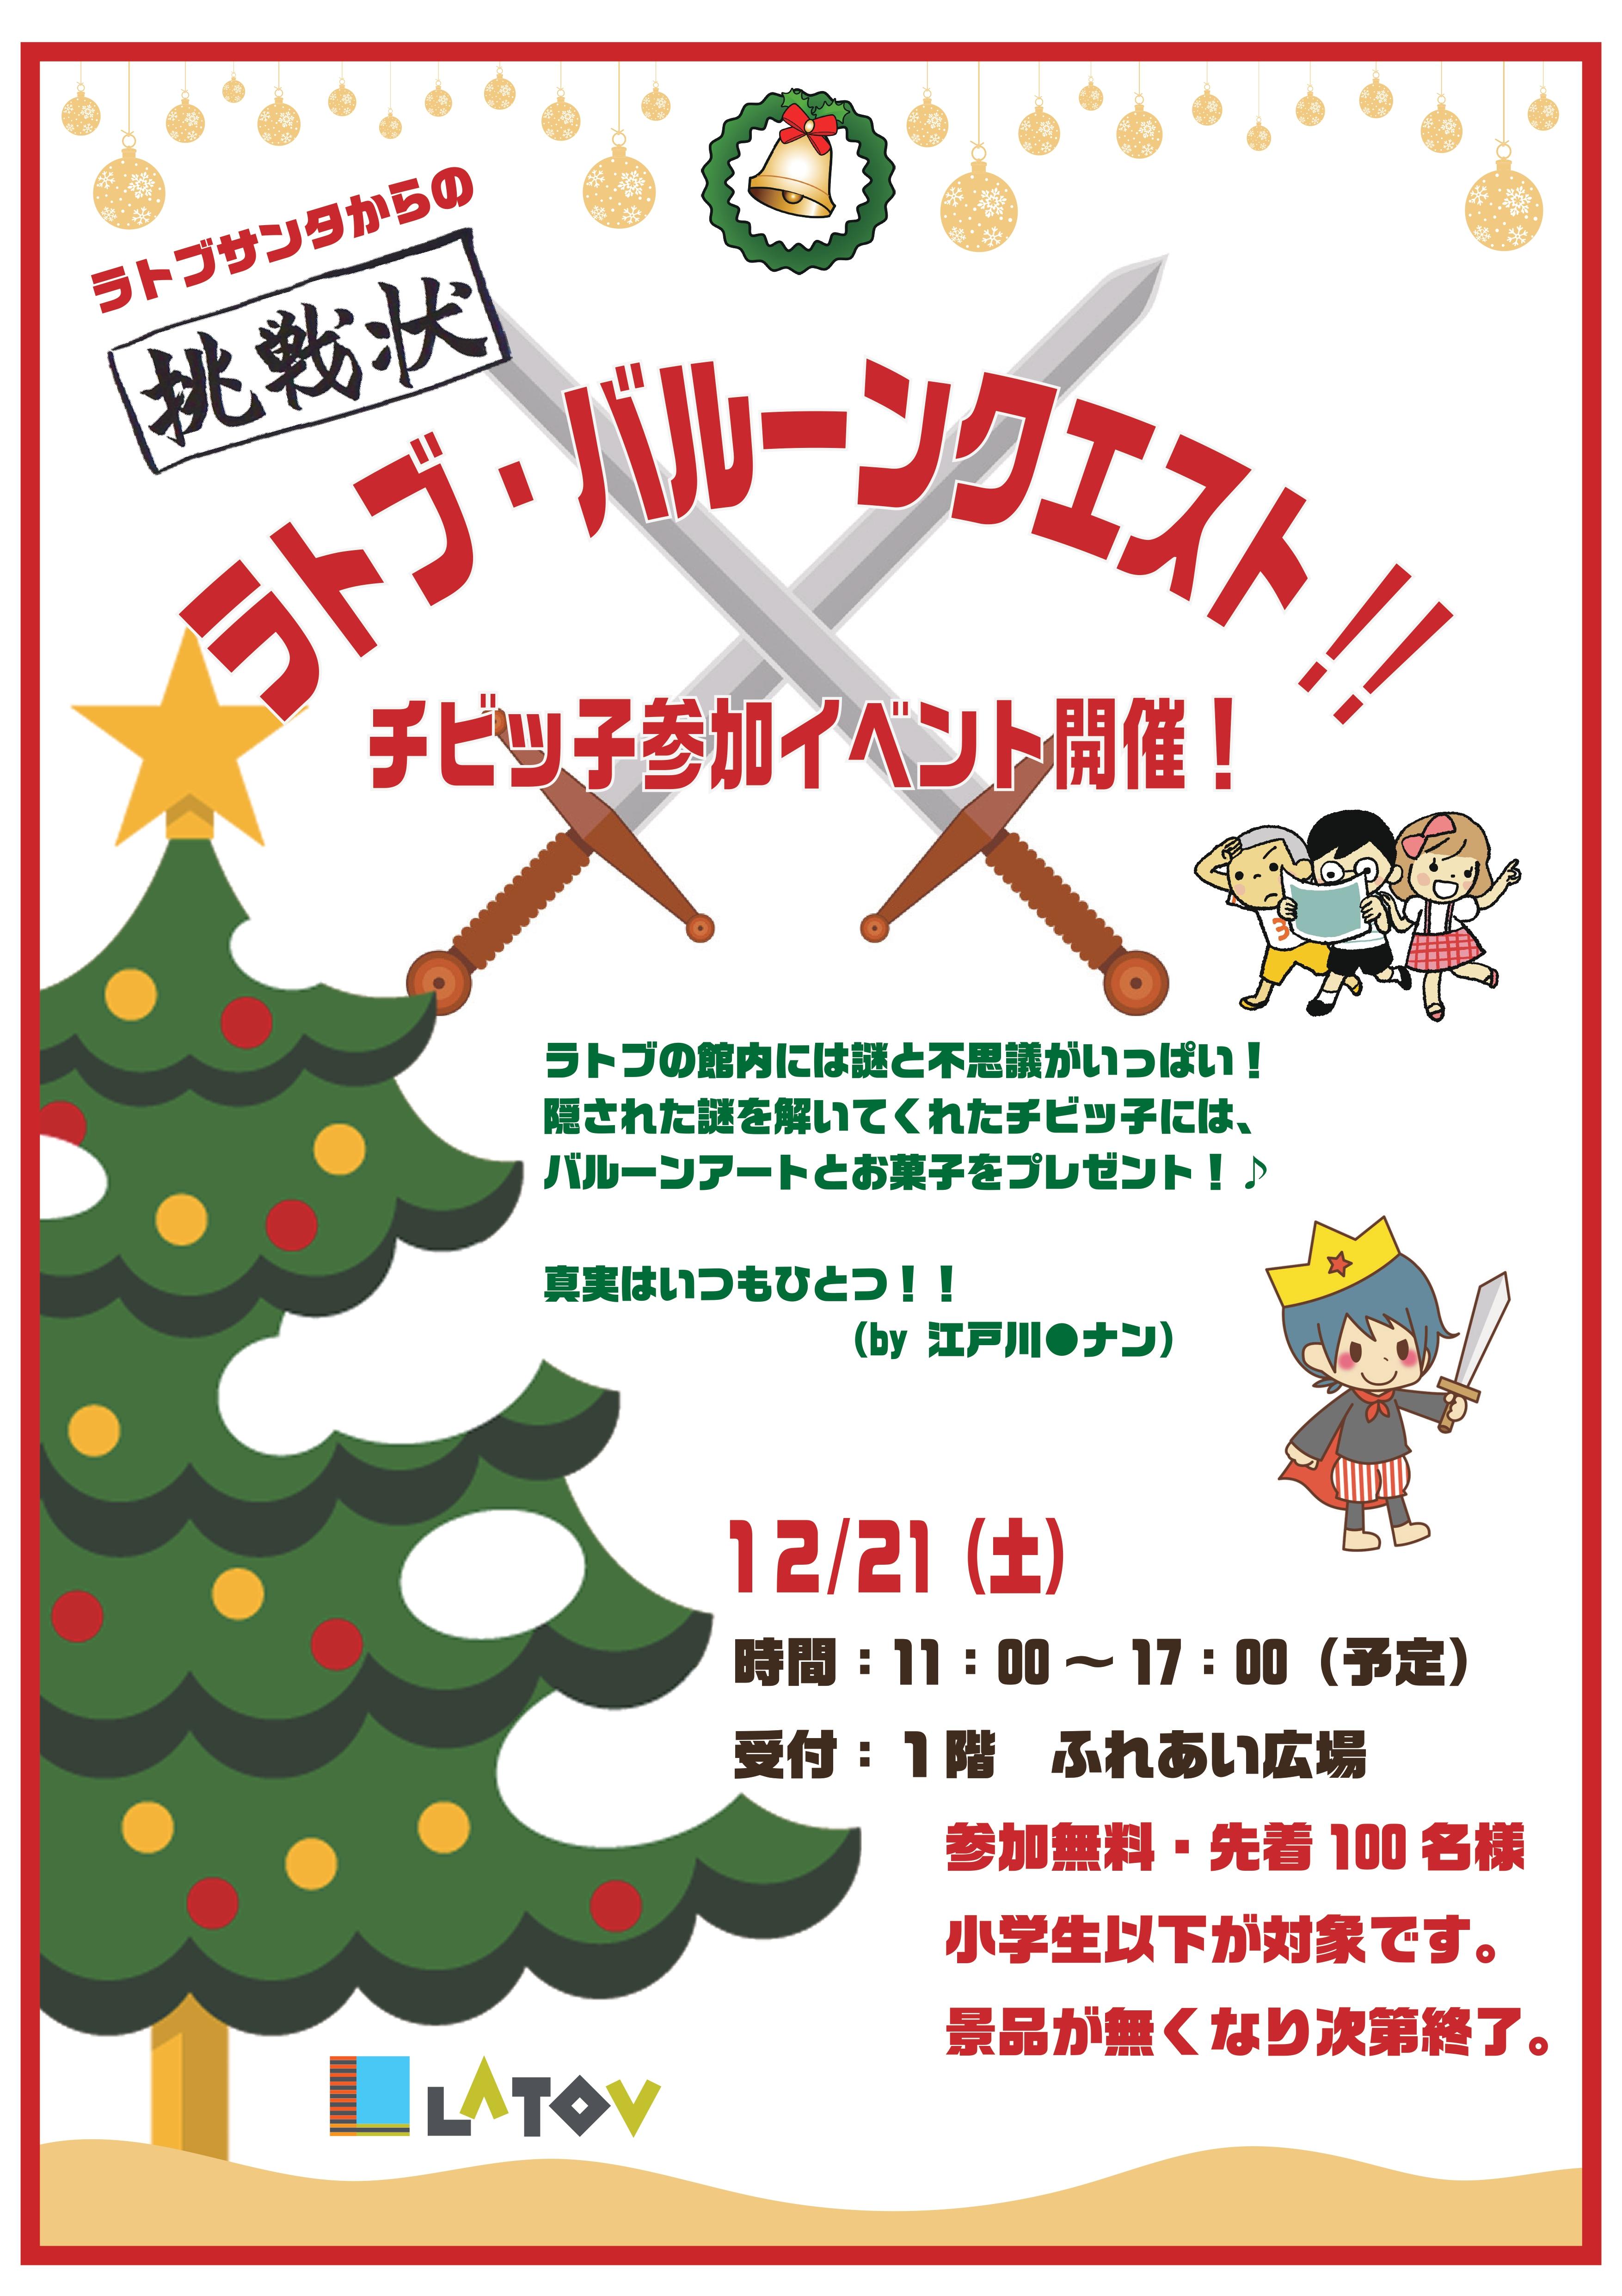 ラトブサンタからの挑戦状 ラトブ・バルーンクエスト!!【12/21】